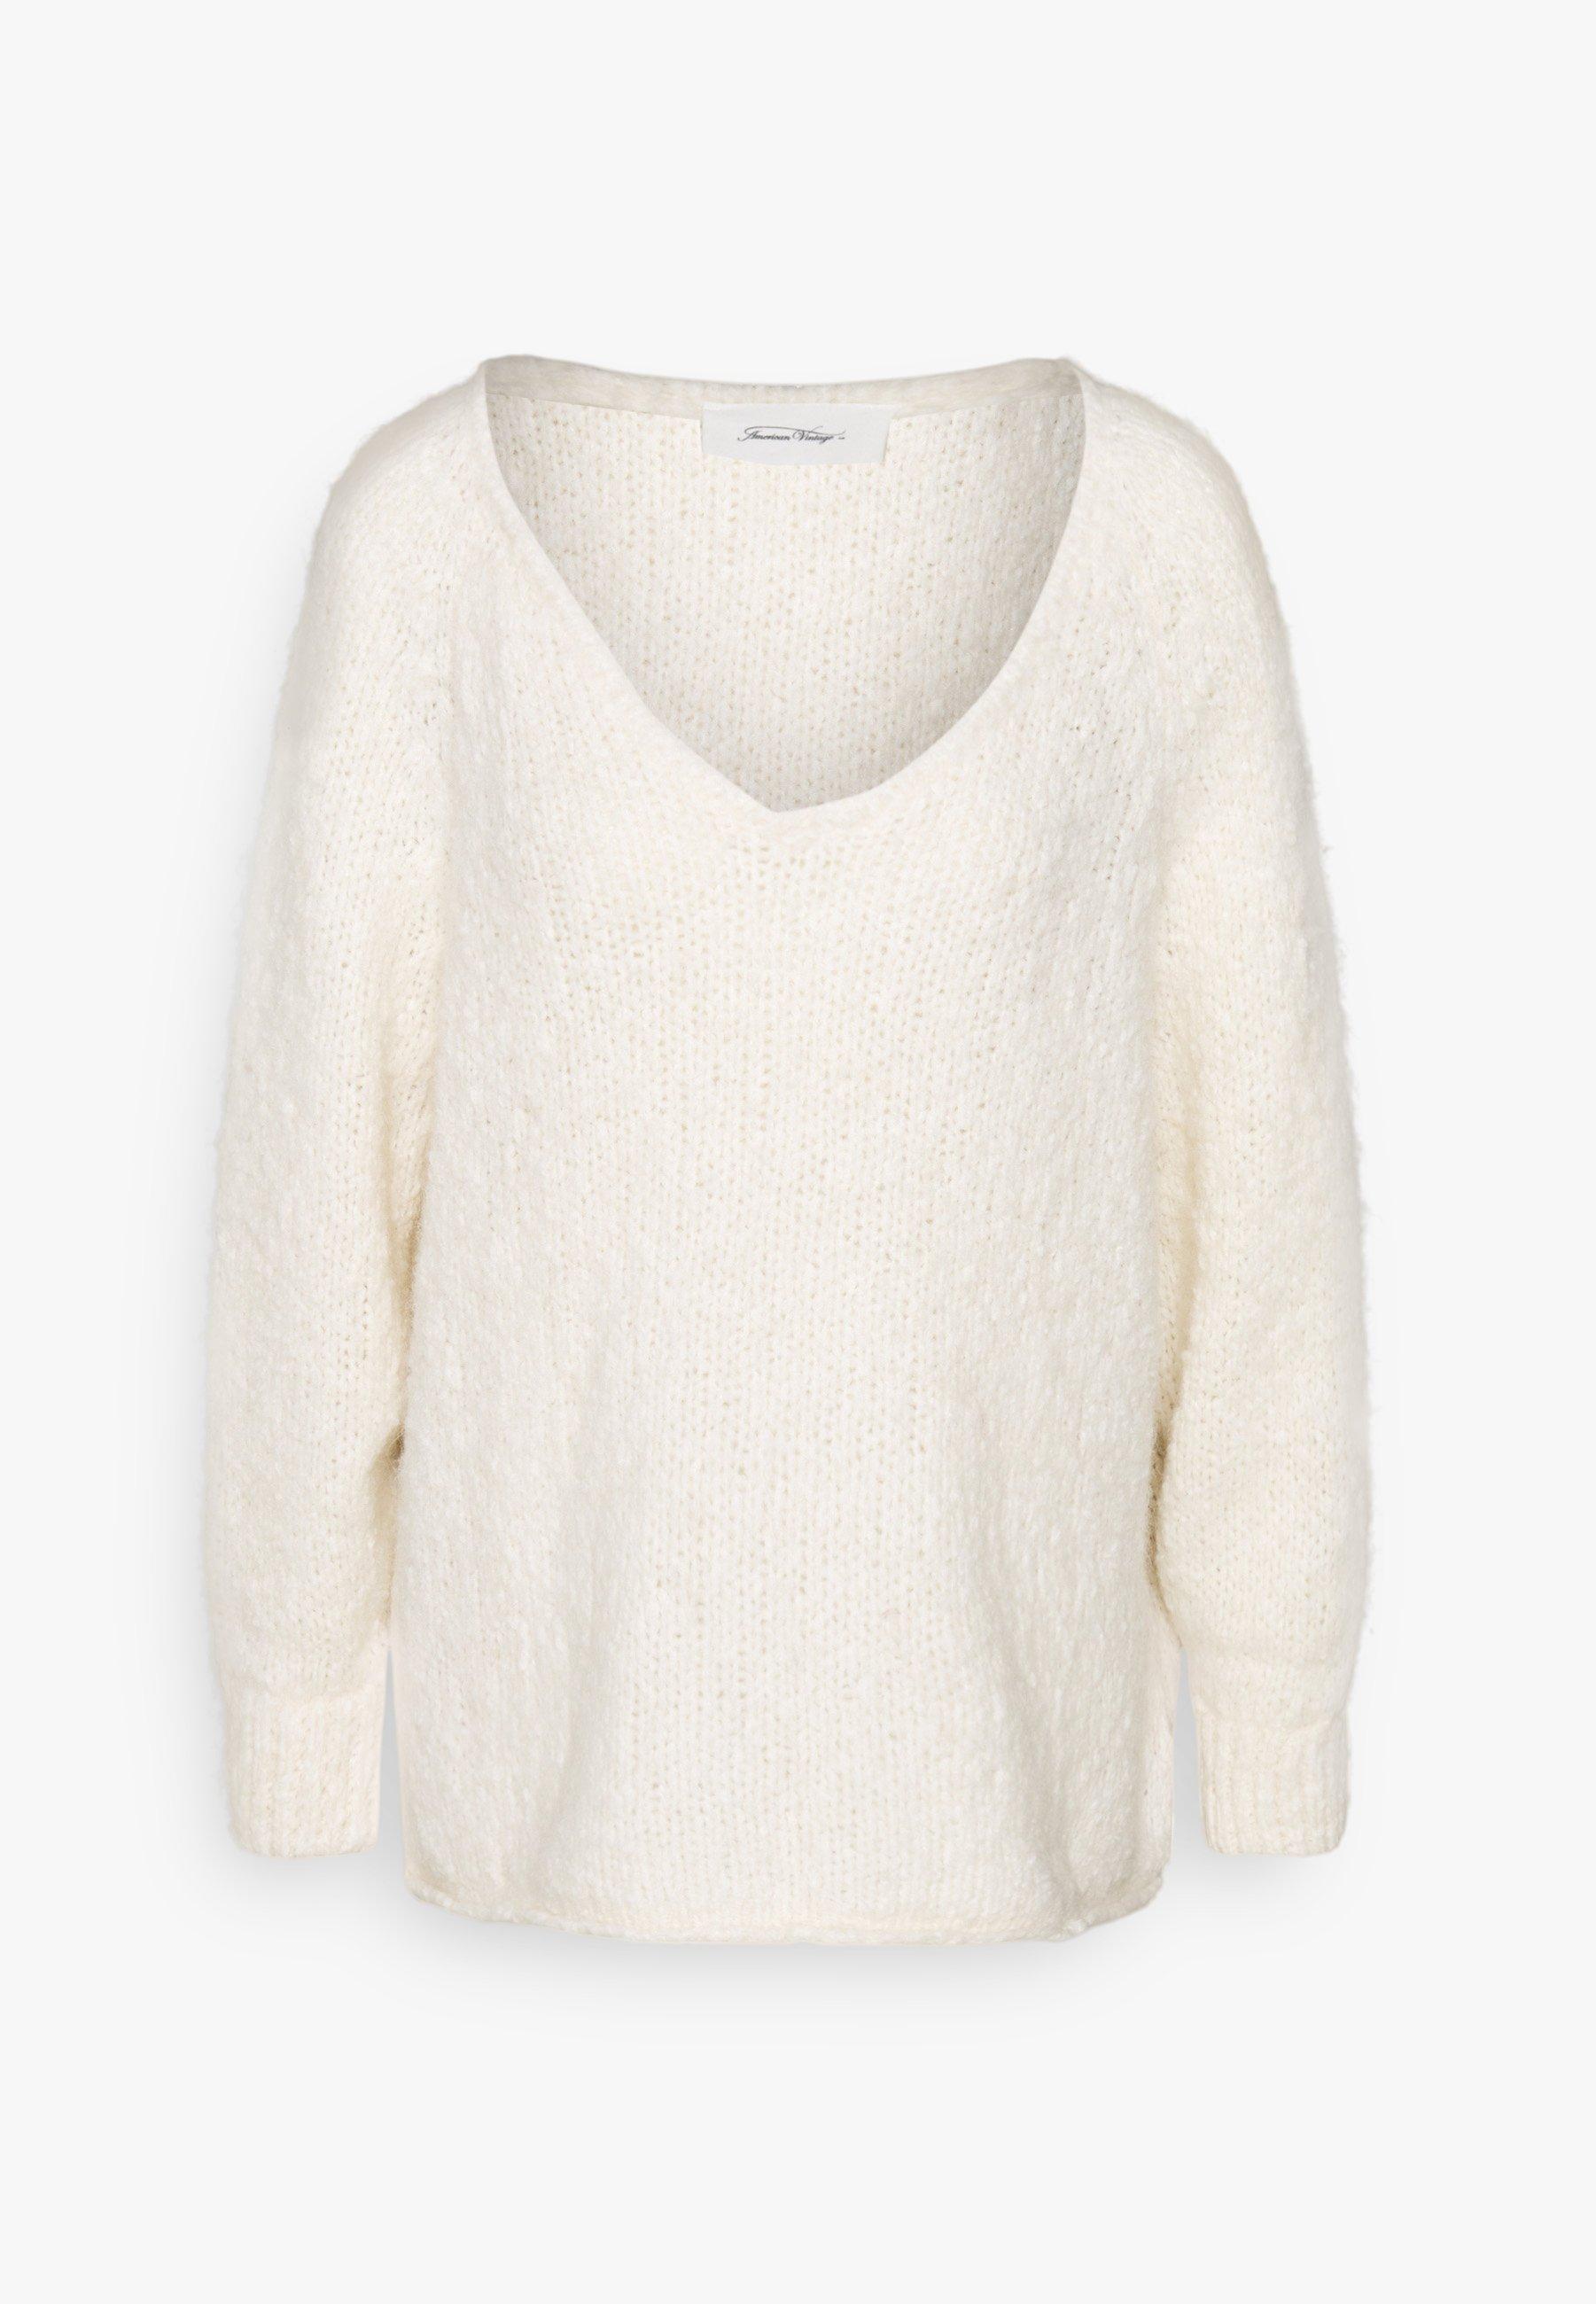 American Vintage truien kopen? | BESLIST.nl | Nieuwe